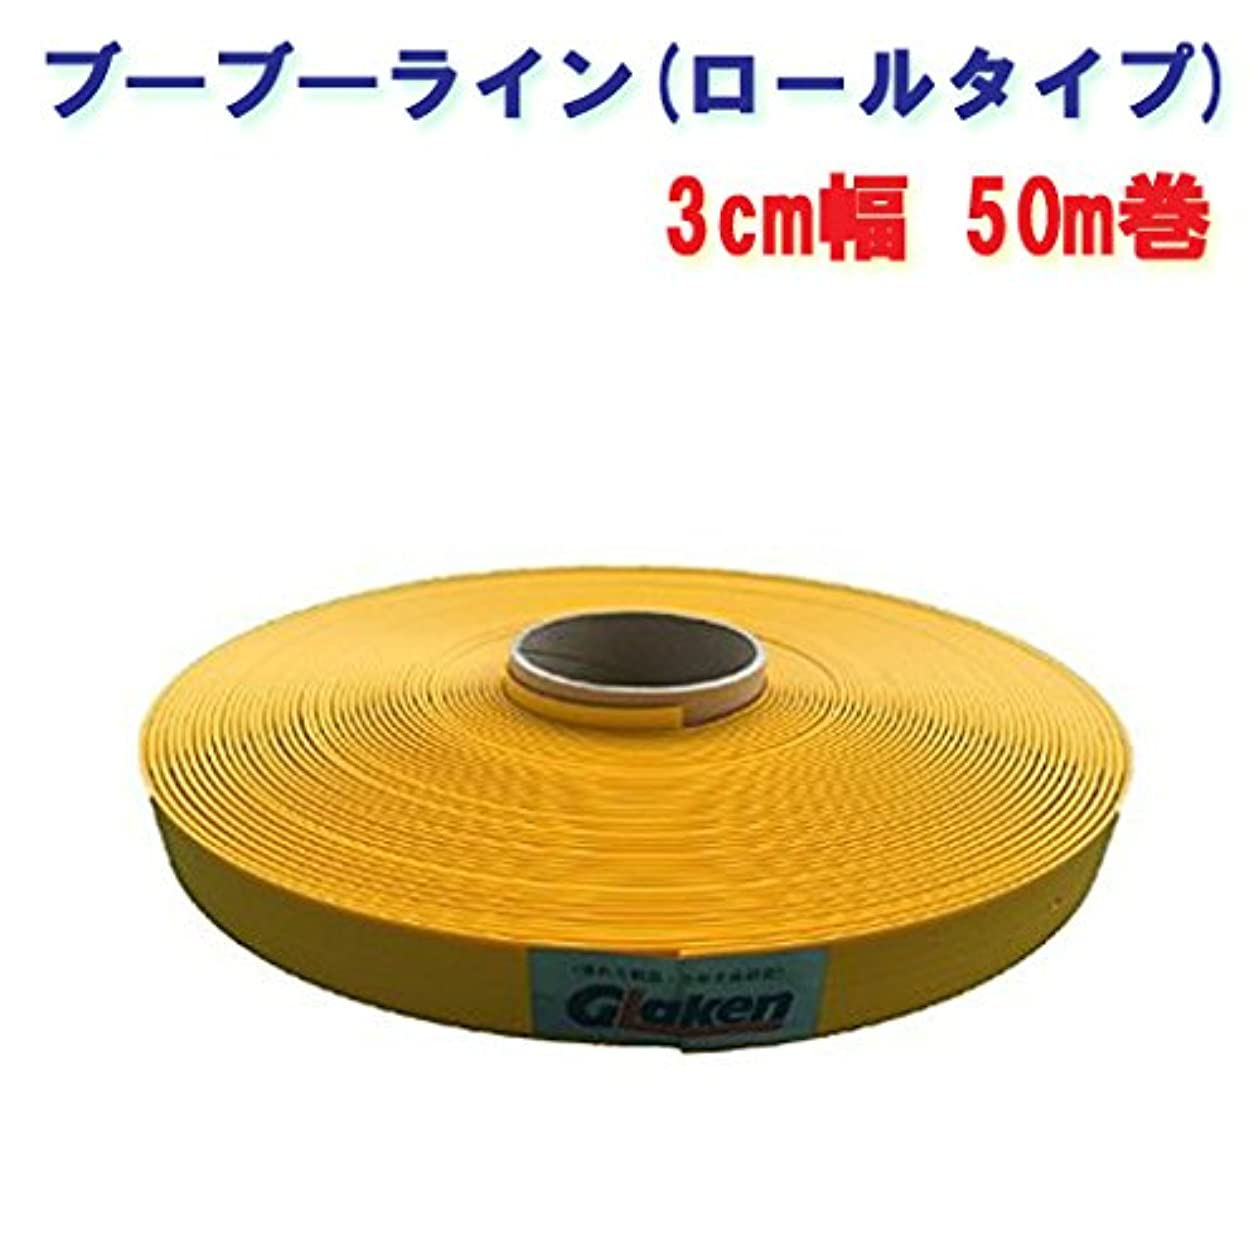 手順ハシームスタチオ駐車場専用ラインテープ ブーブーライン 3cm幅 BBL3-50G 黄色50m Glaken